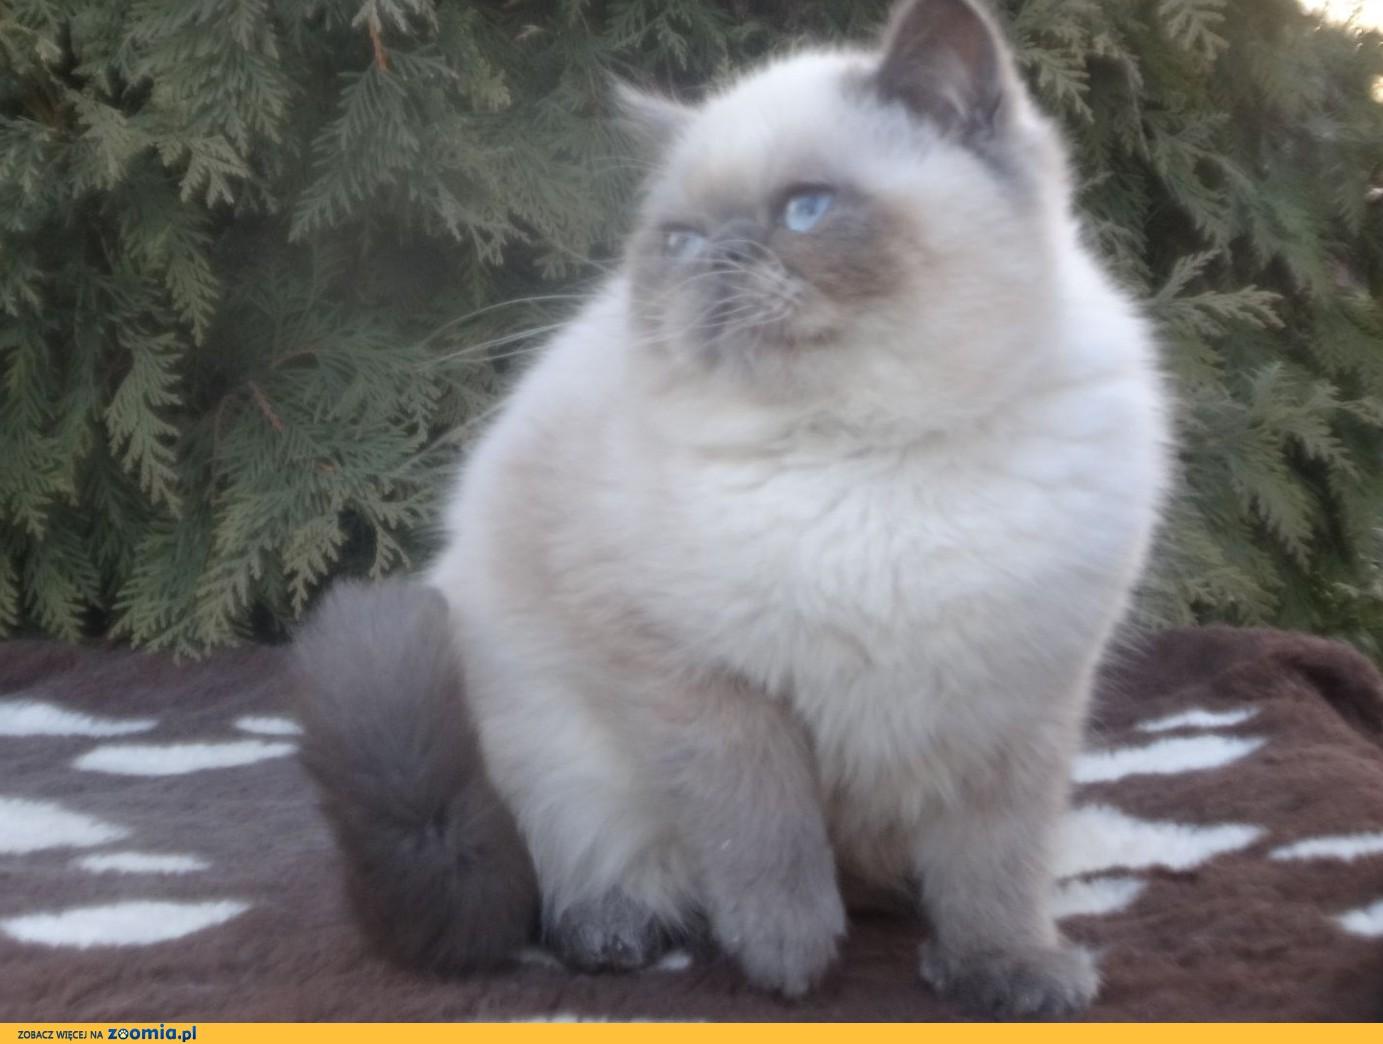 Kocurek egzotyczny (rod. FIFe), kontaktowy kociak z charakterem